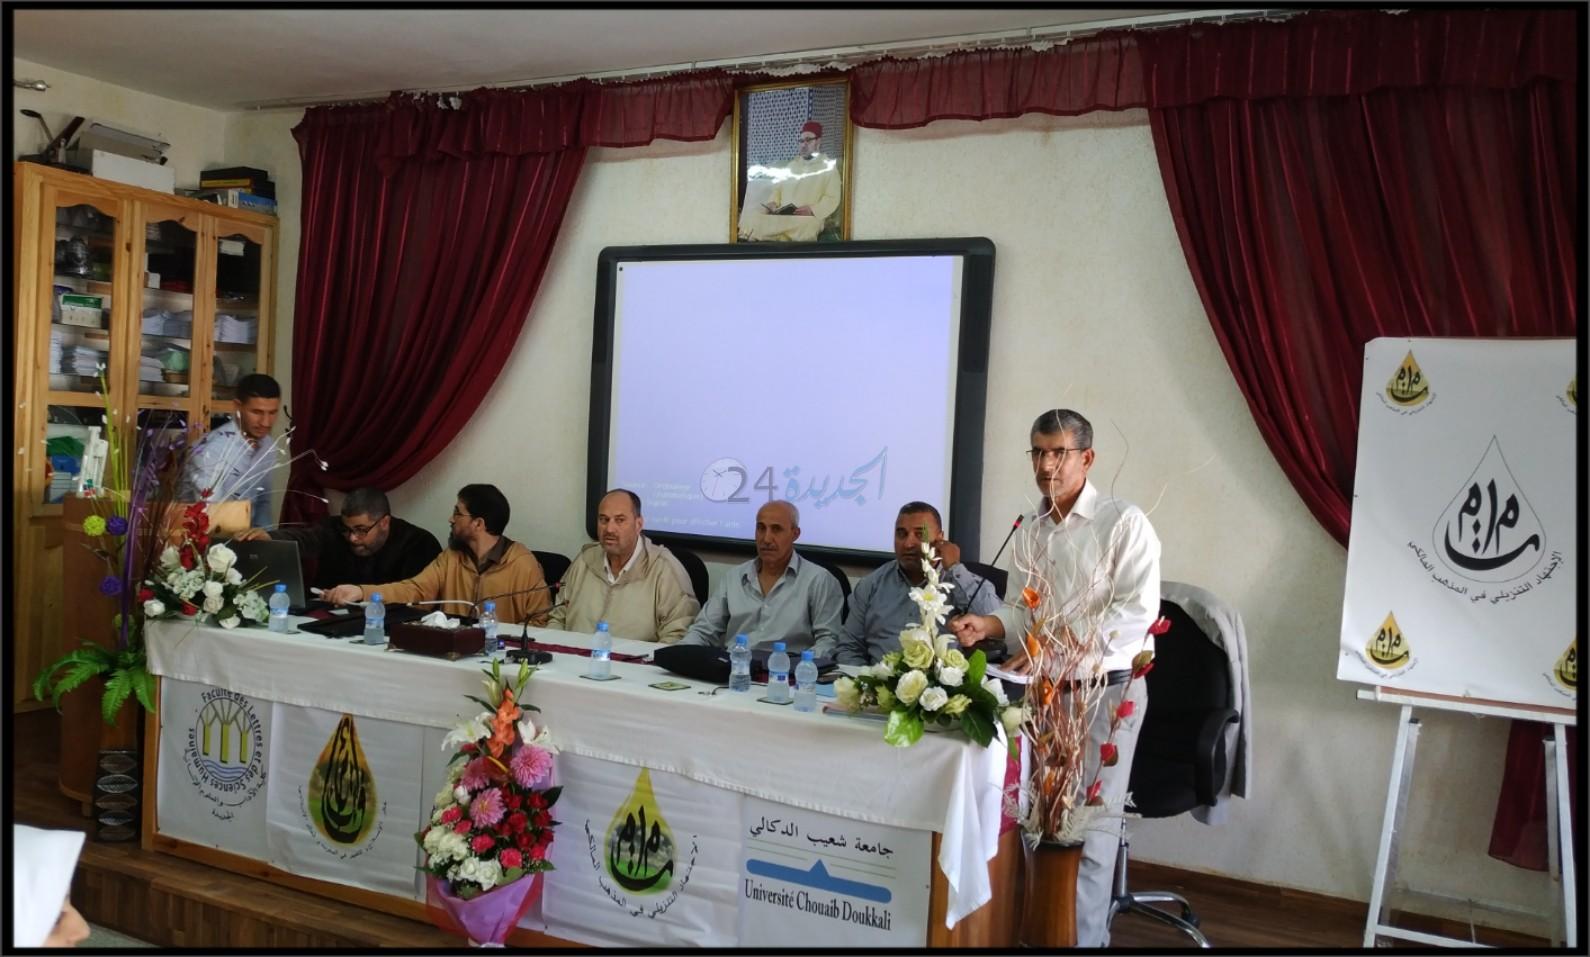 'حاجة مغاربة العالم الى نموذج التدين المغربي' موضوع درس افتتاحي بكلية الآداب بالجديدة